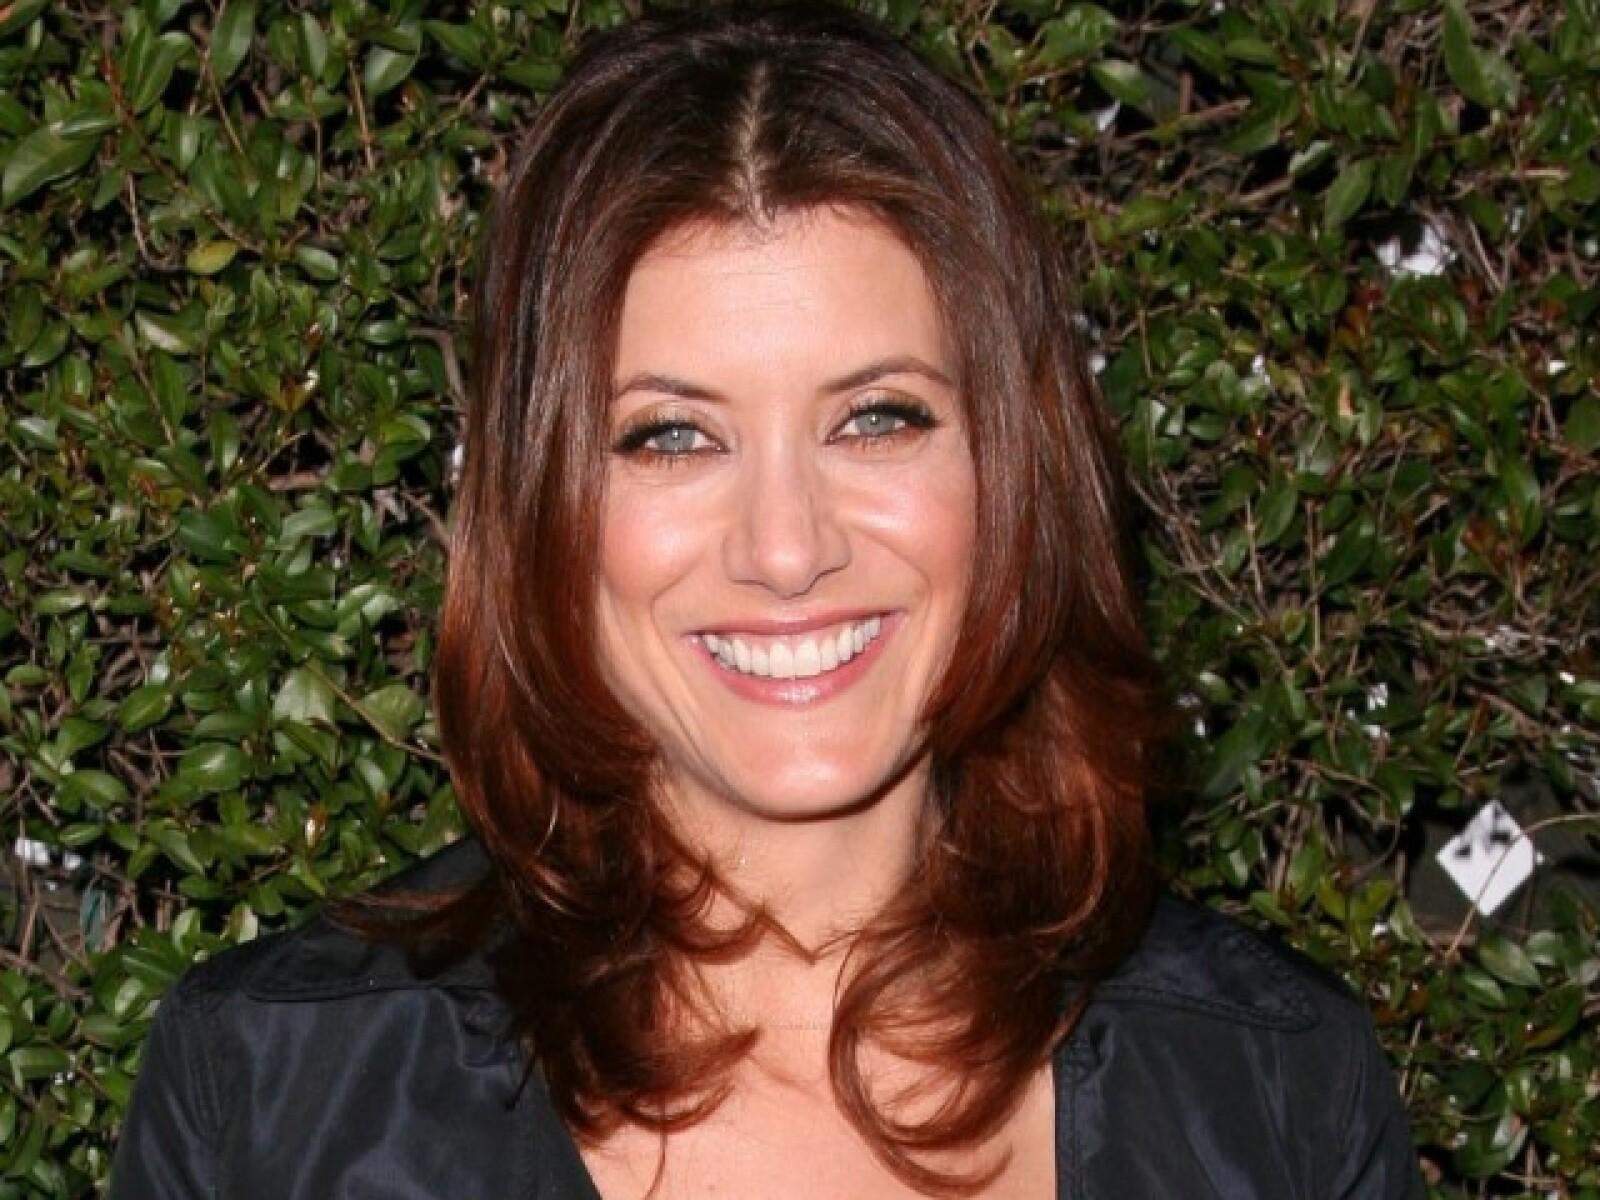 La actriz que hace el papel de una guapa doctora en Private Practice, Kate Walsh, es de las celebridades más reservadas de Hollywood. Es raro verla en escándalos o perseguida por los medios.